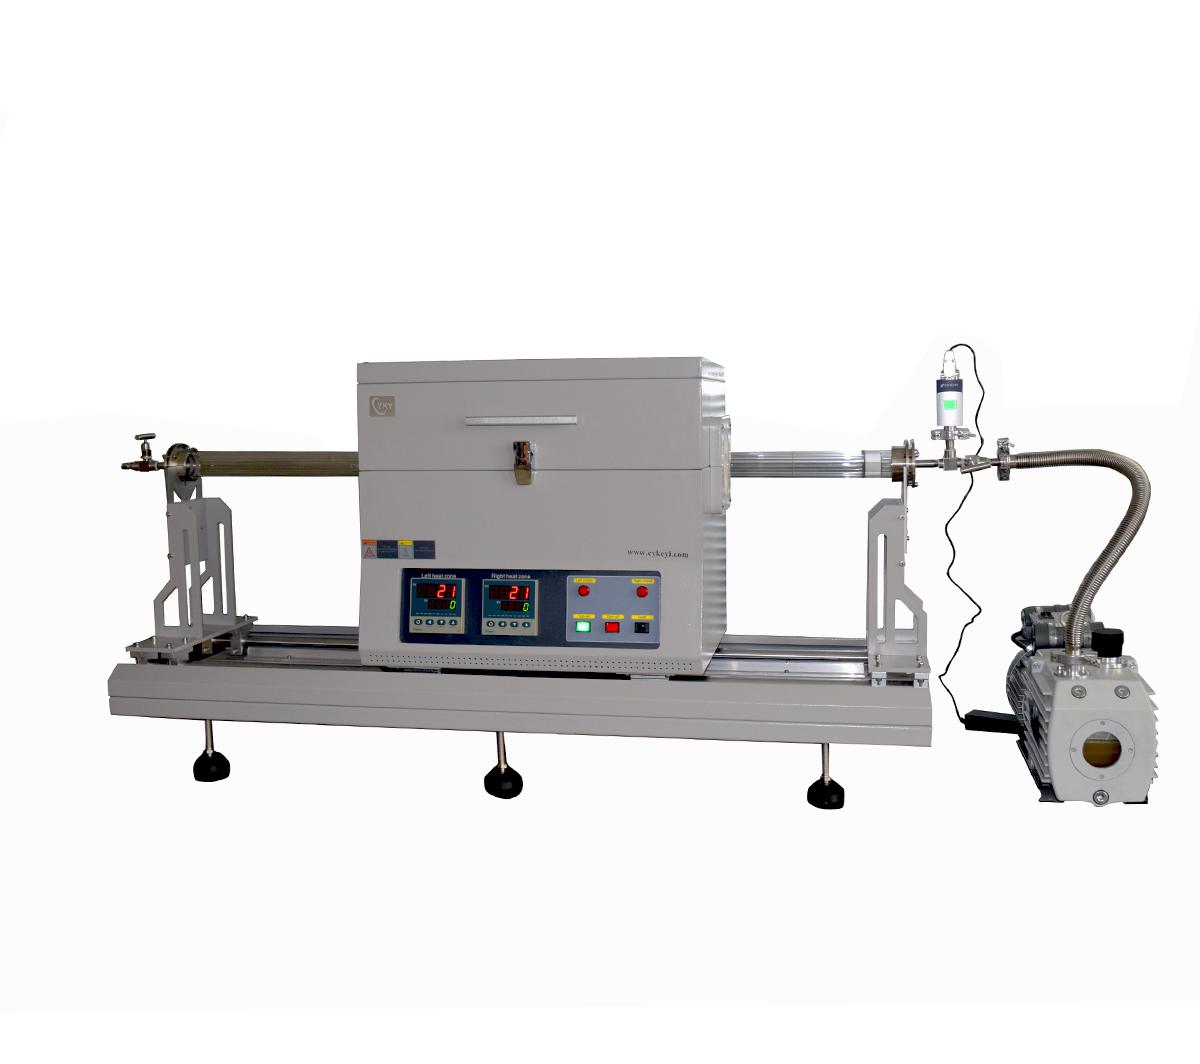 Laboratory cvd mos2 thin film preparation sliding two zone rtp tube furnace CY-O1200-50IIC-RTP